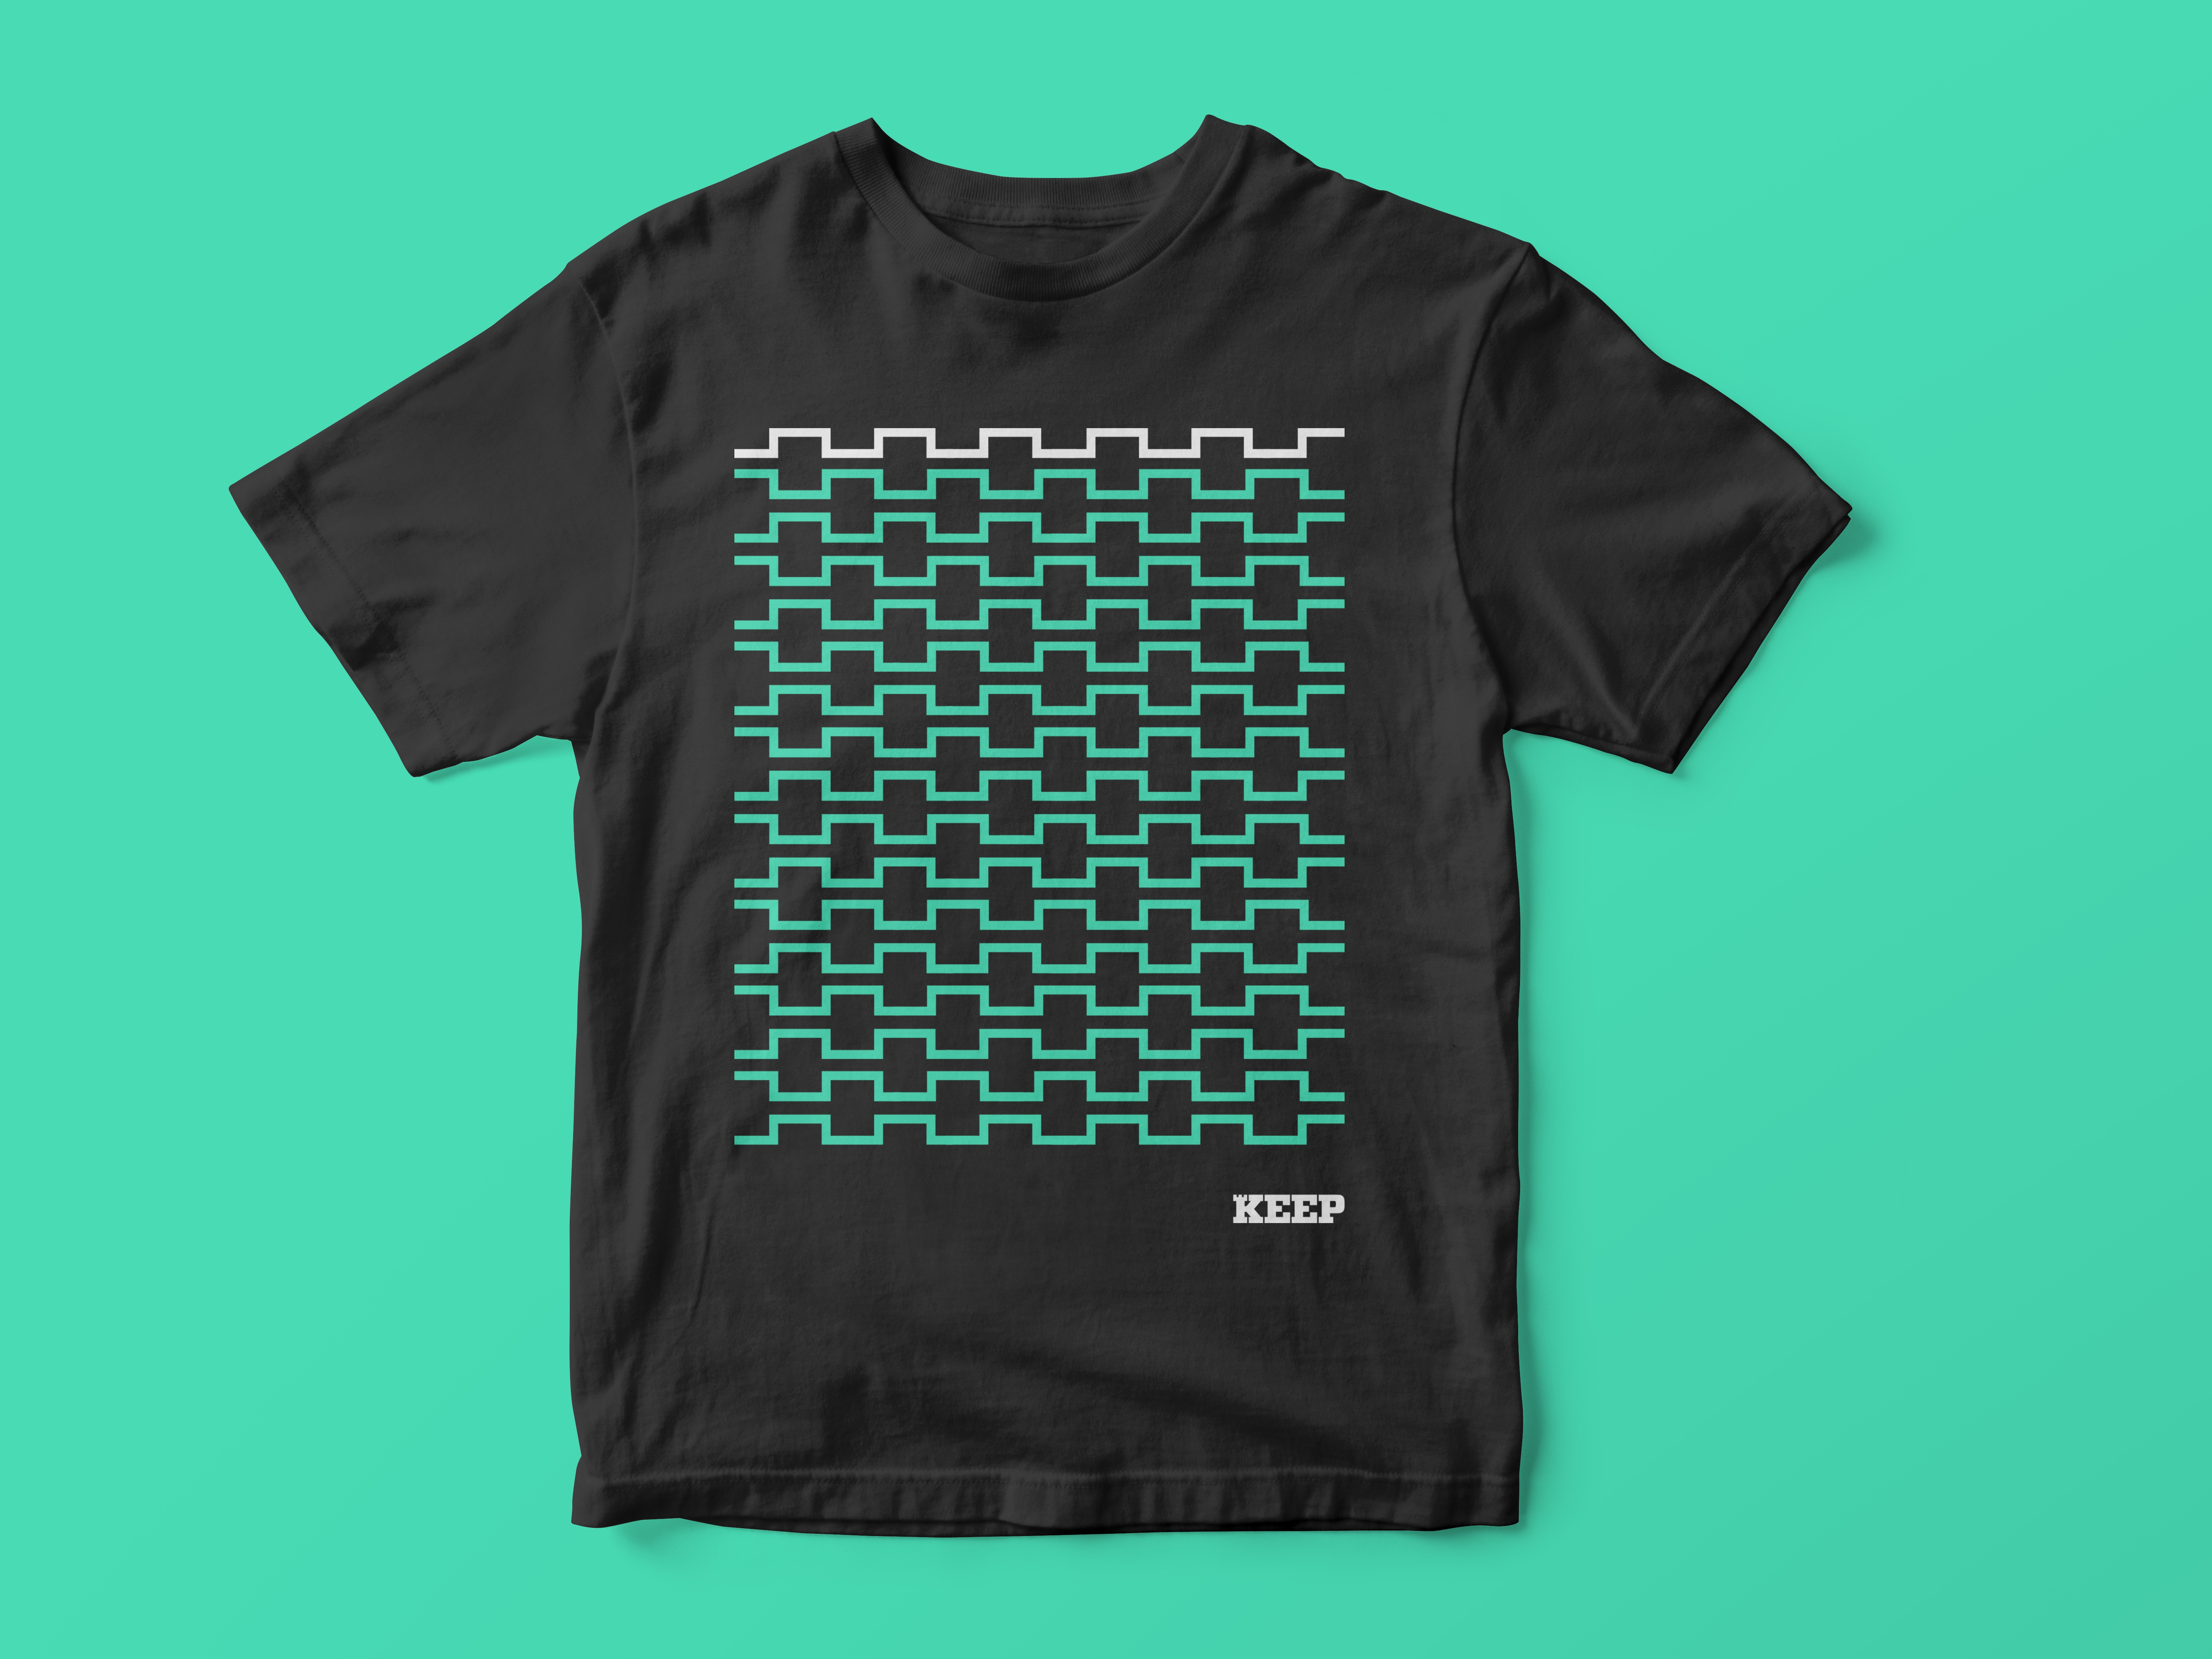 Keep t shirt